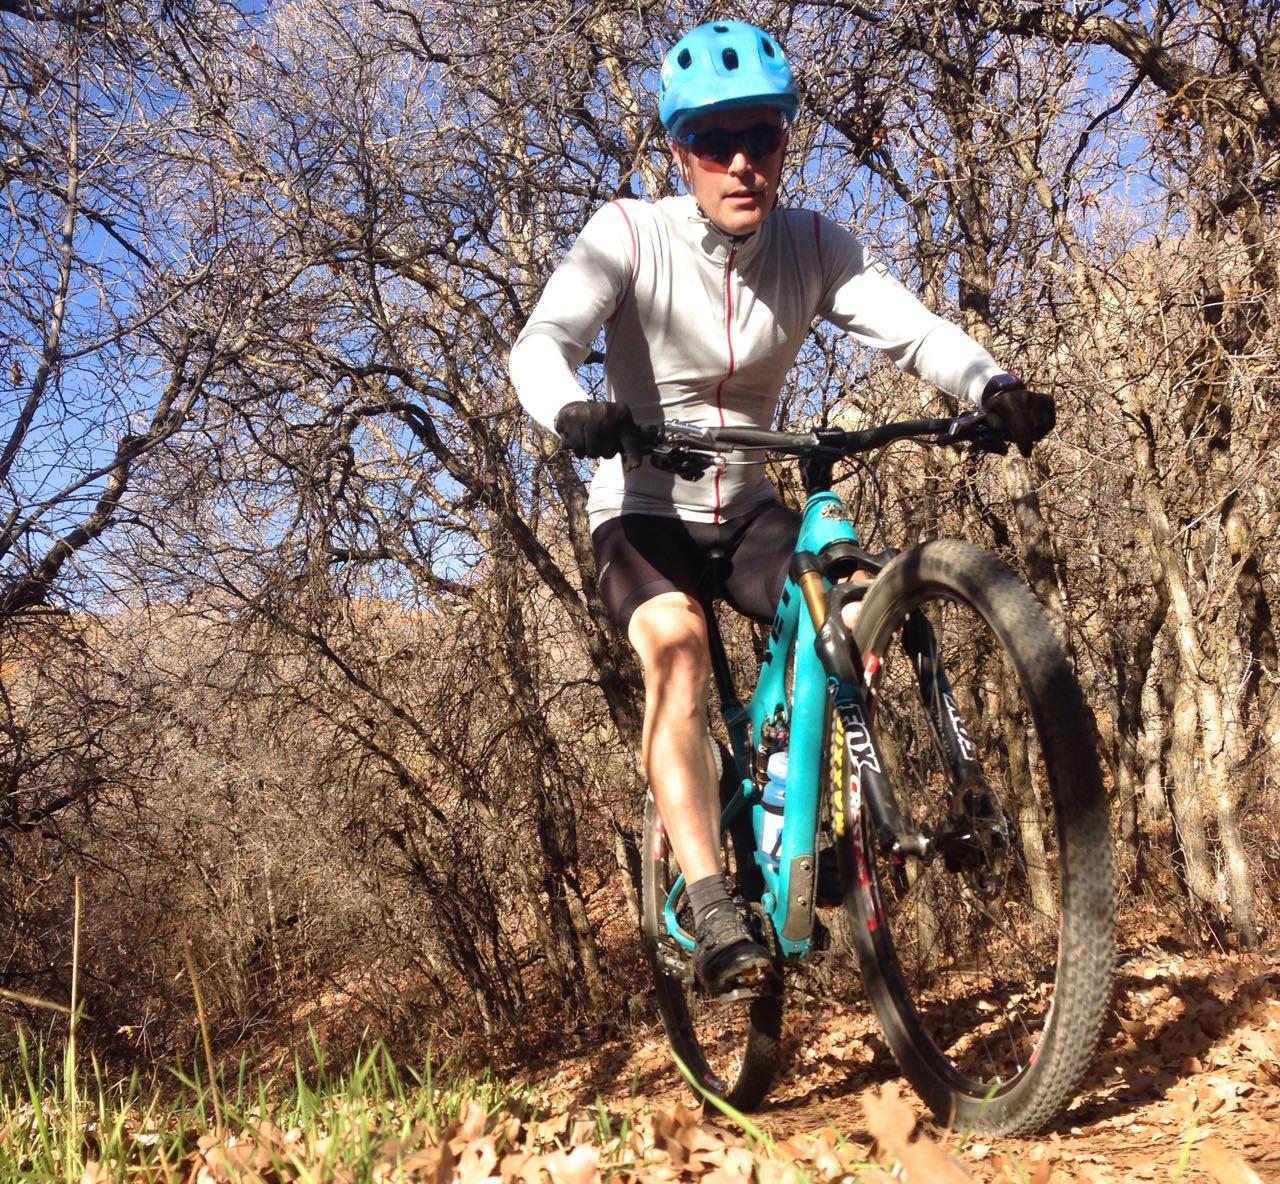 Review: Yeti ASR Carbon is One Rowdy XC Bike - FeedTheHabit com